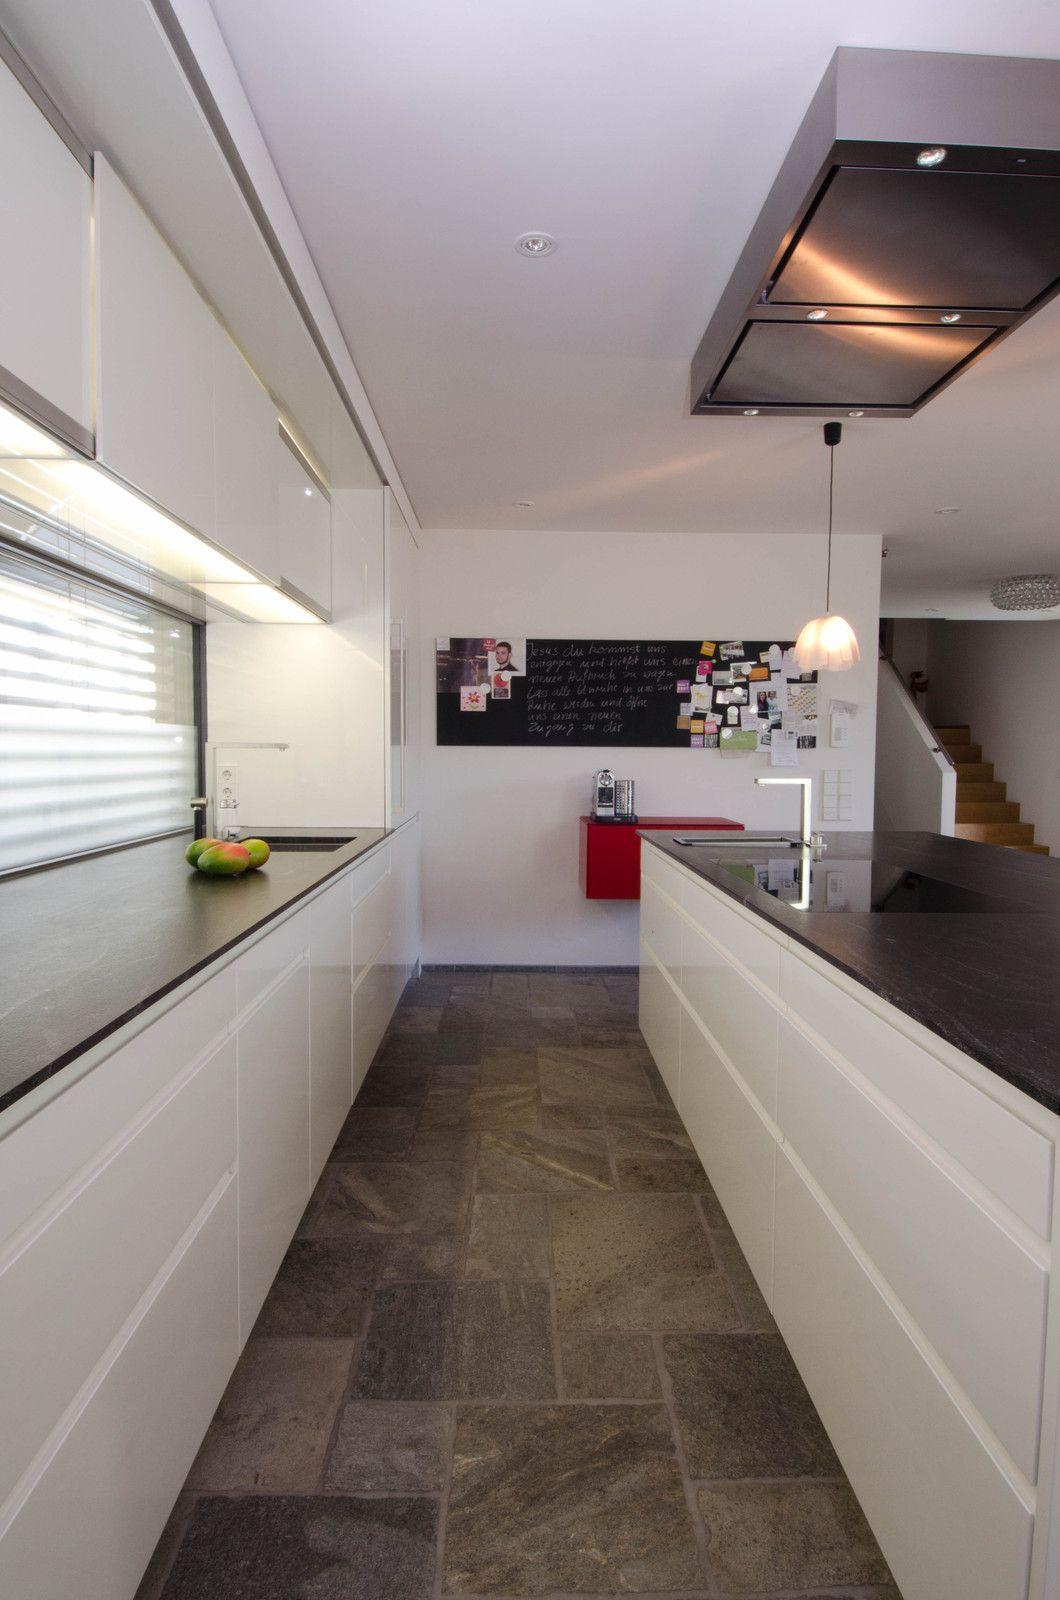 Wohnküchen küchen wohnküchen wohnküche häcker 9 ideen rund ums haus